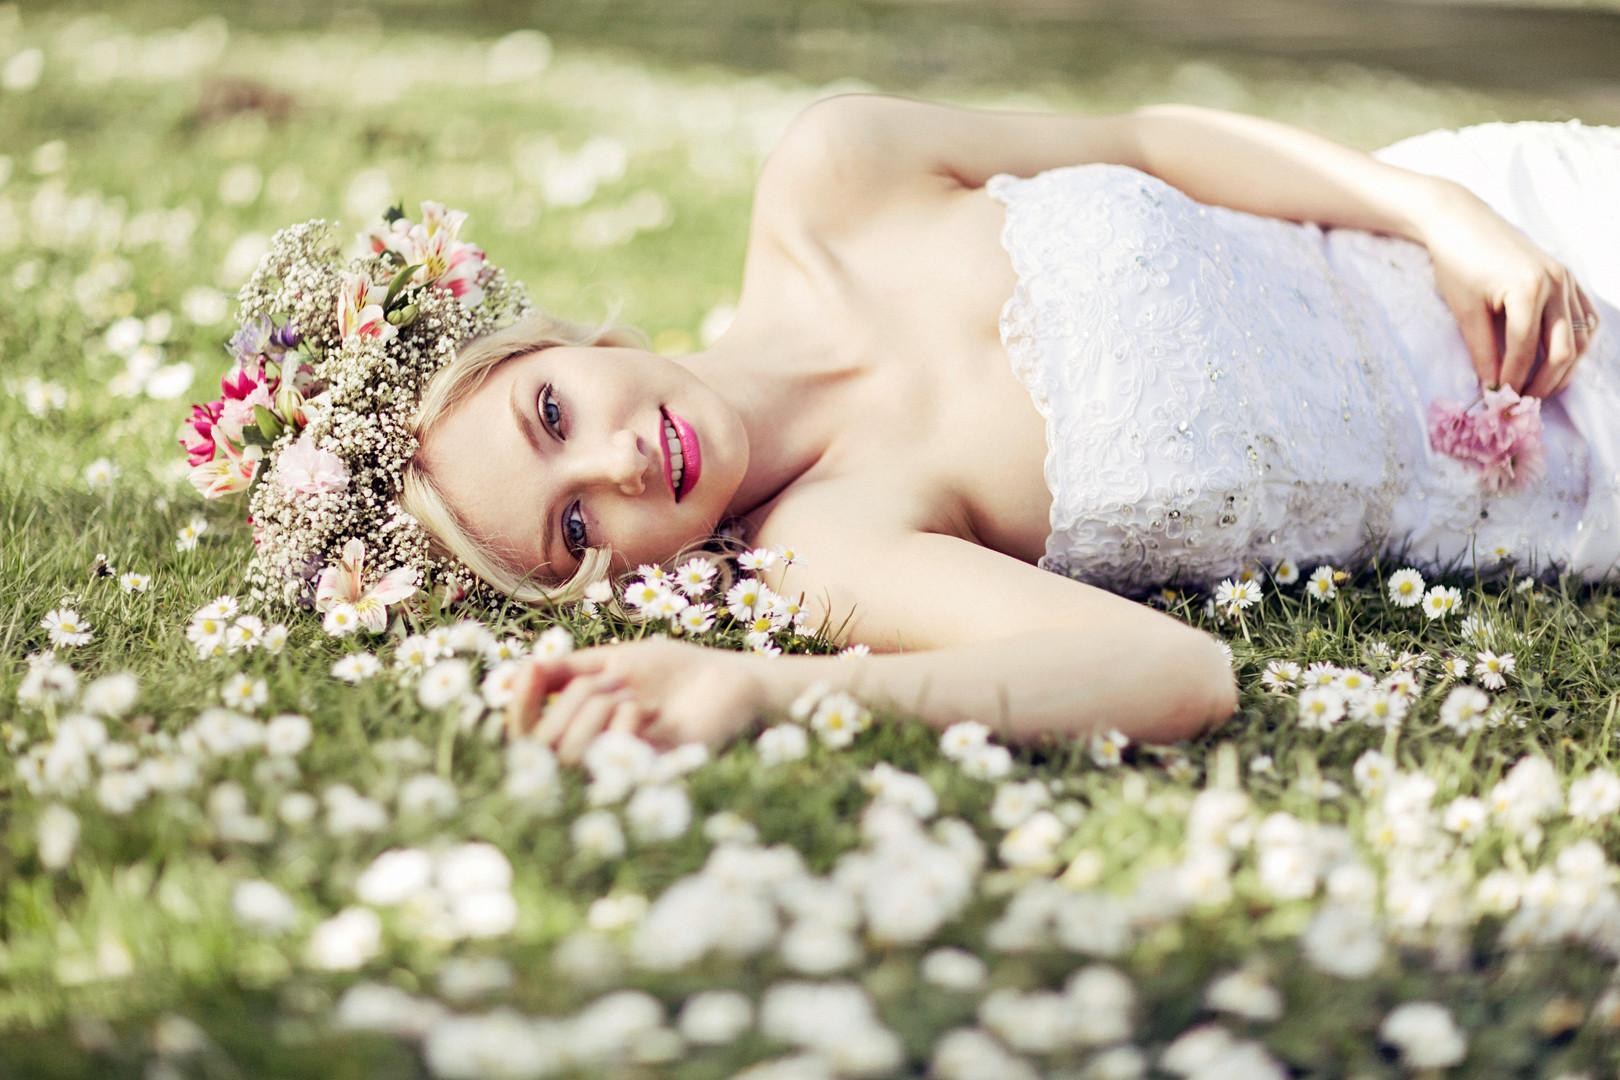 BeautyShootJMoyes6.jpg